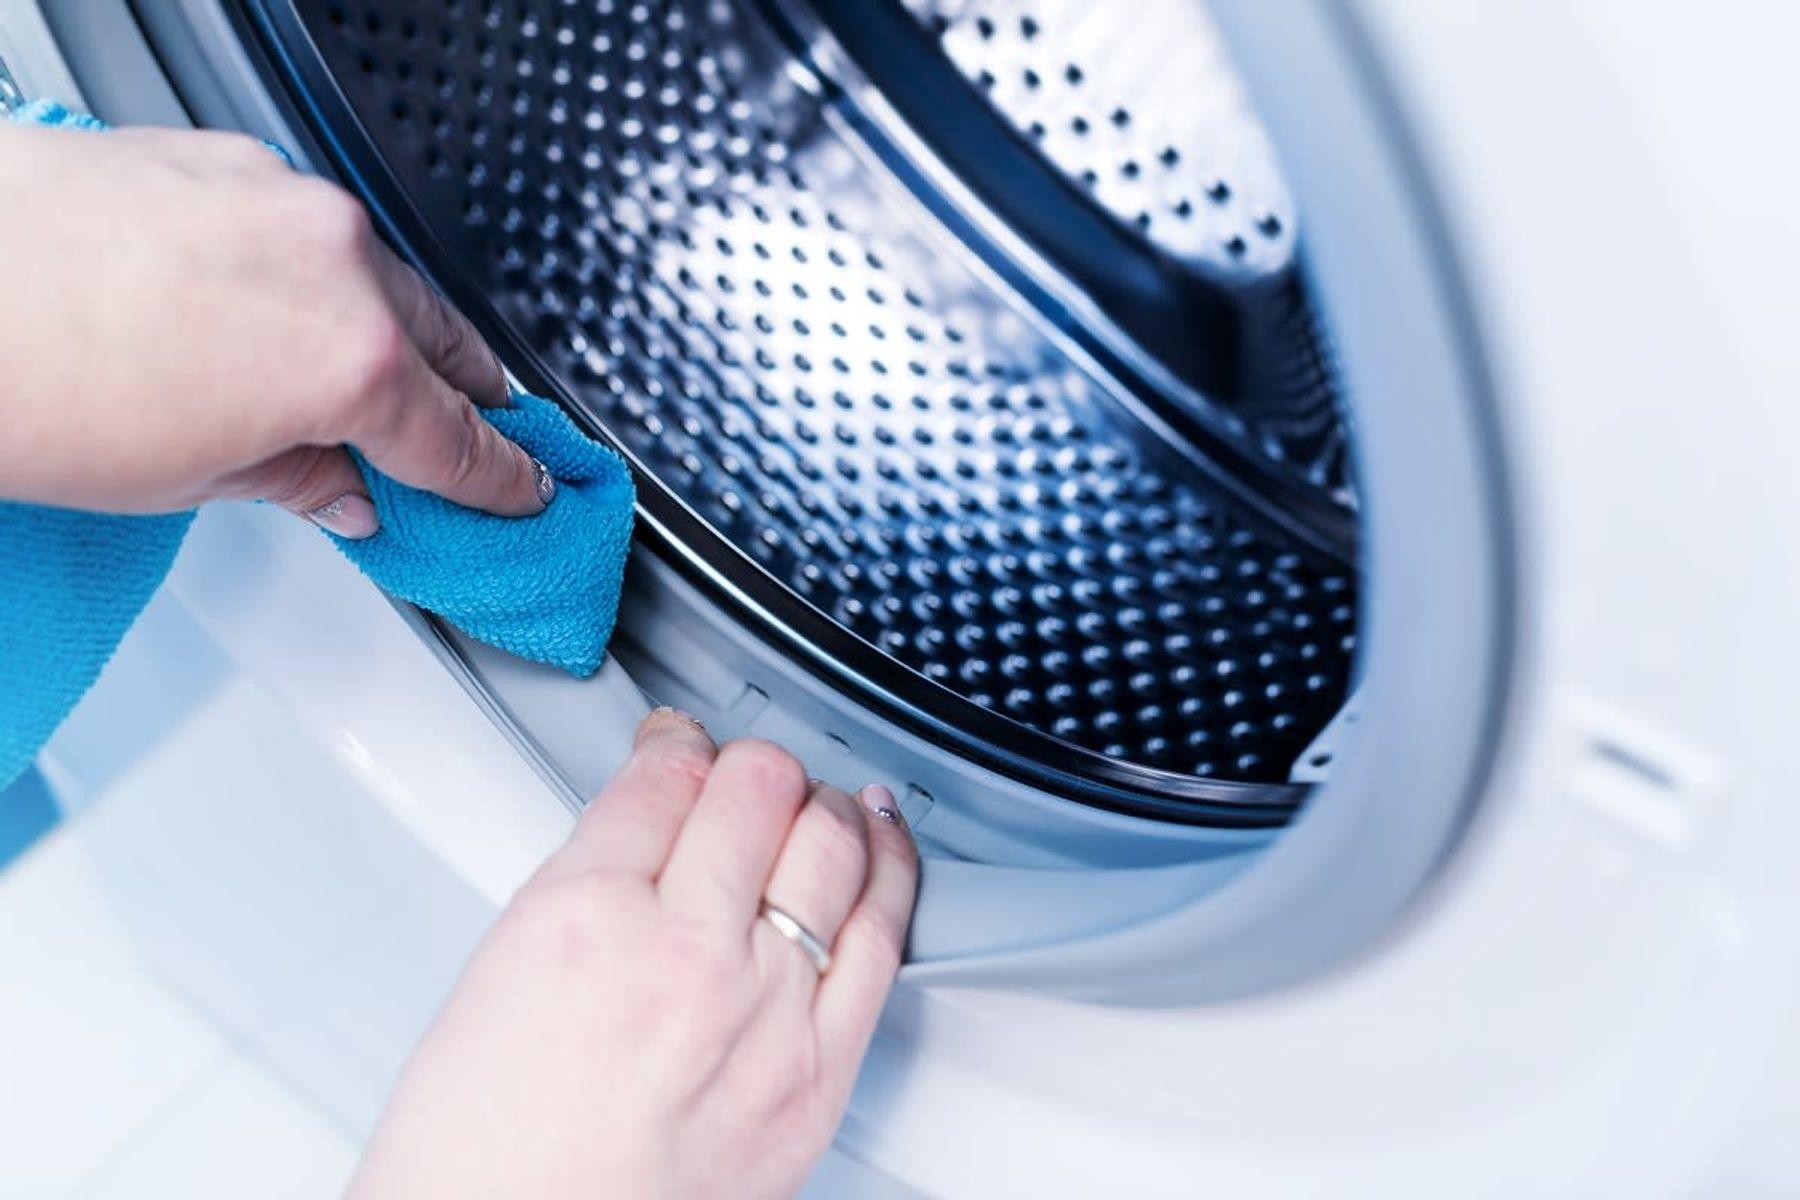 Çamaşır Makinesi Temizleyen Kadın